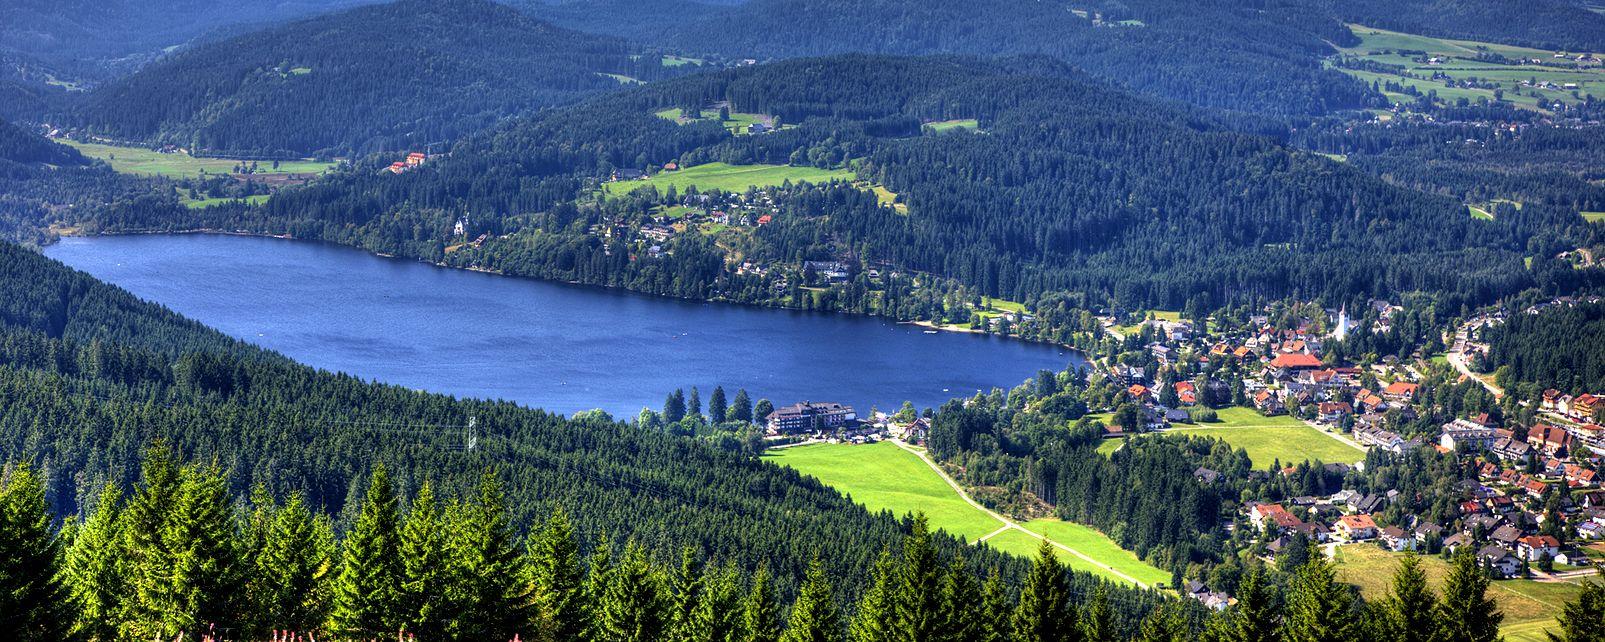 Un village de la Forêt-Noire, La Forêt-Noire, Les paysages, Allemagne